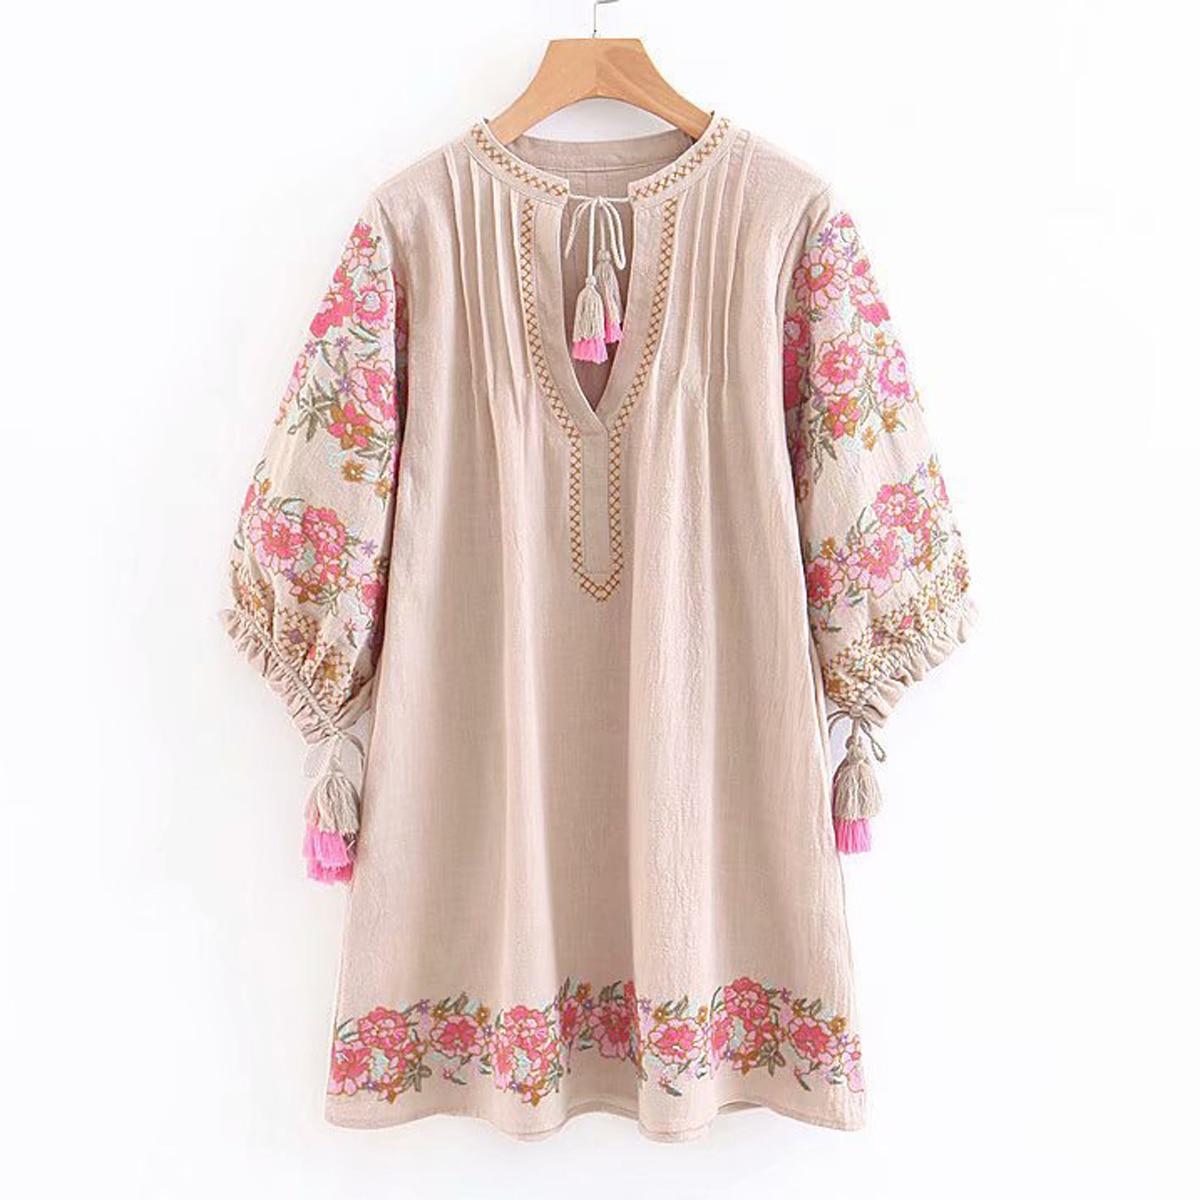 Cncool brodé Floral rétro robe femmes lanterne manches mode plage robe 2019 printemps été nouveau col en v gland Boho robe